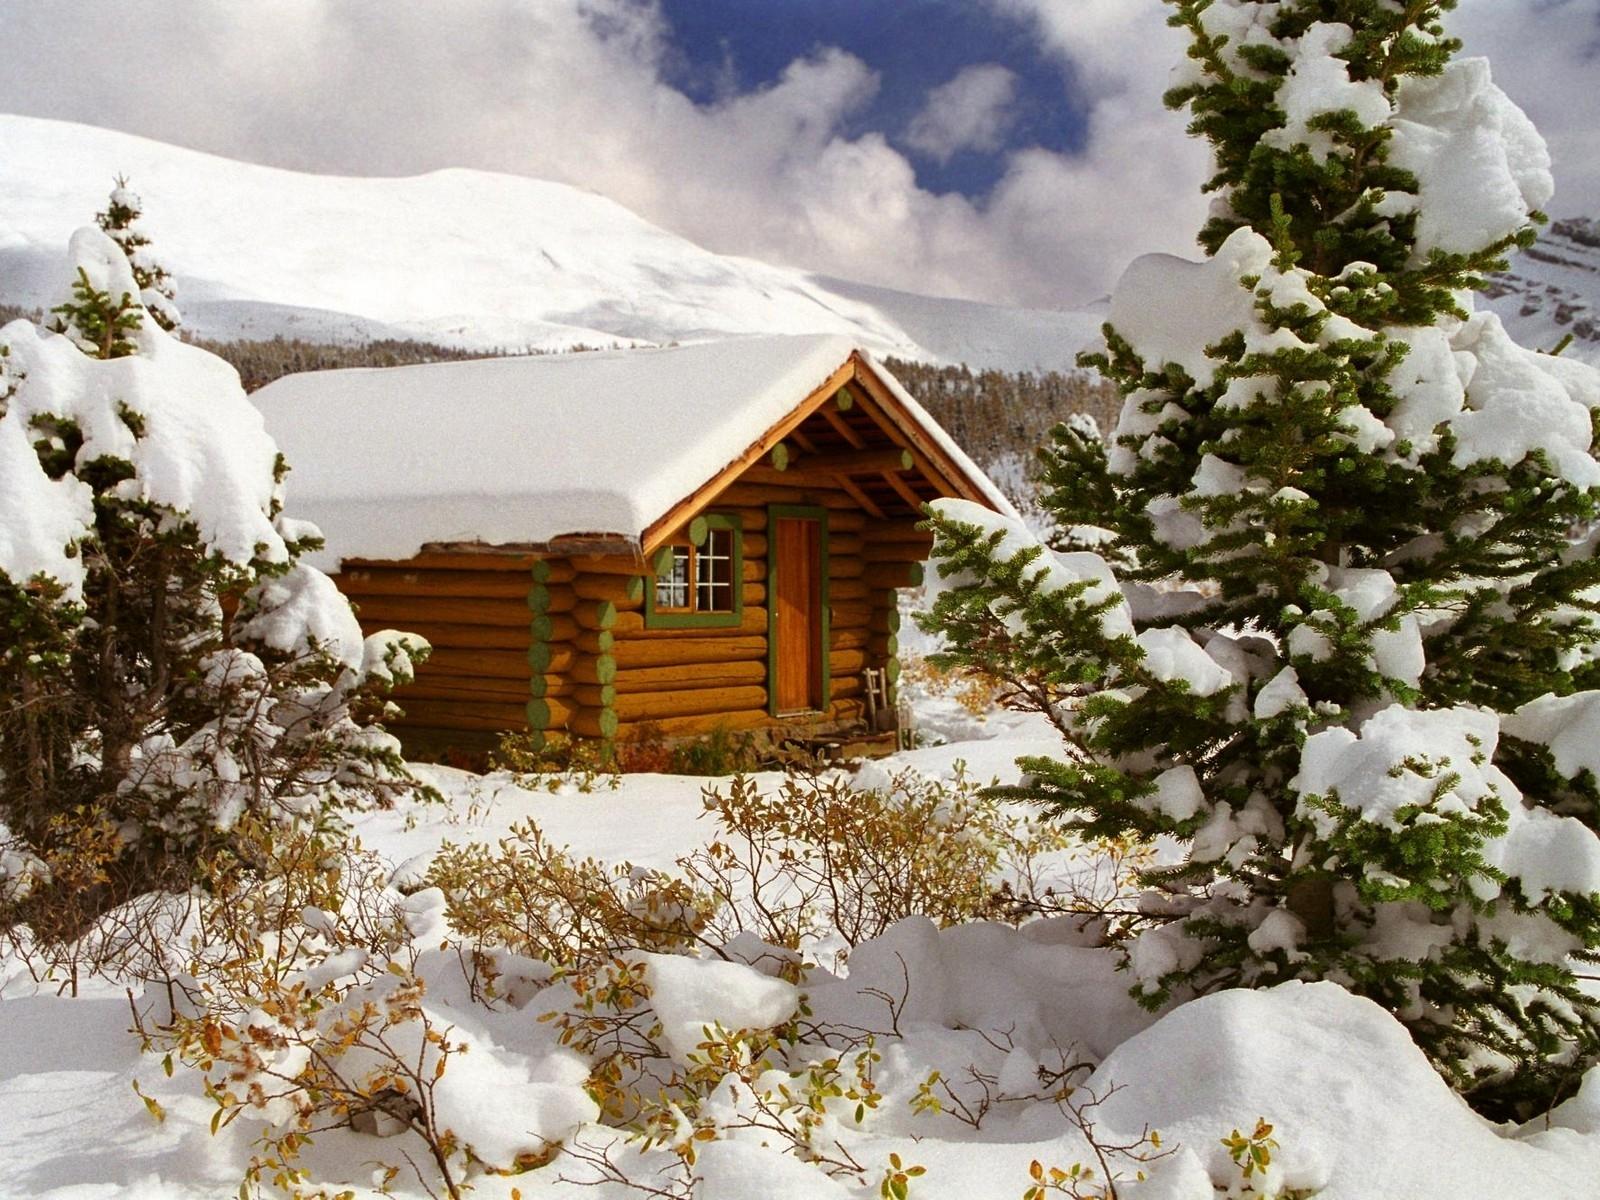 9044 скачать обои Пейзаж, Зима, Дома, Елки - заставки и картинки бесплатно